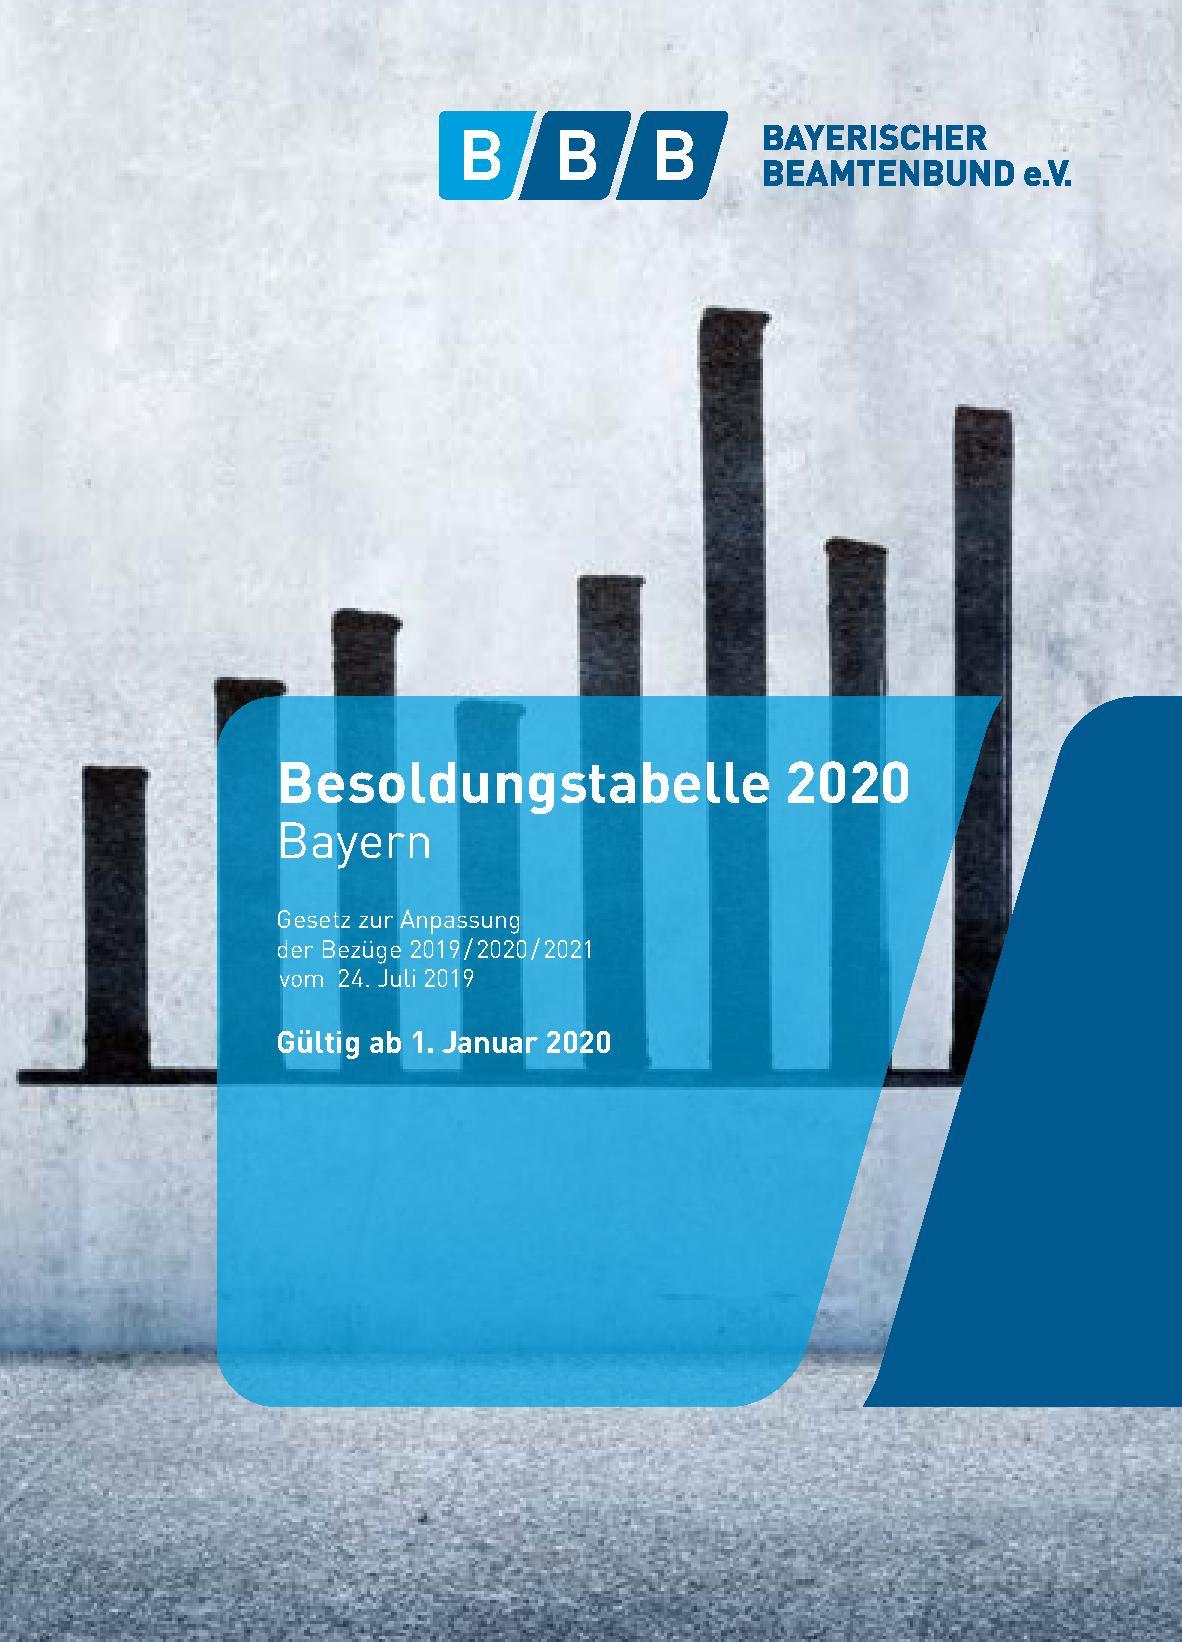 Besoldungstabelle 2020